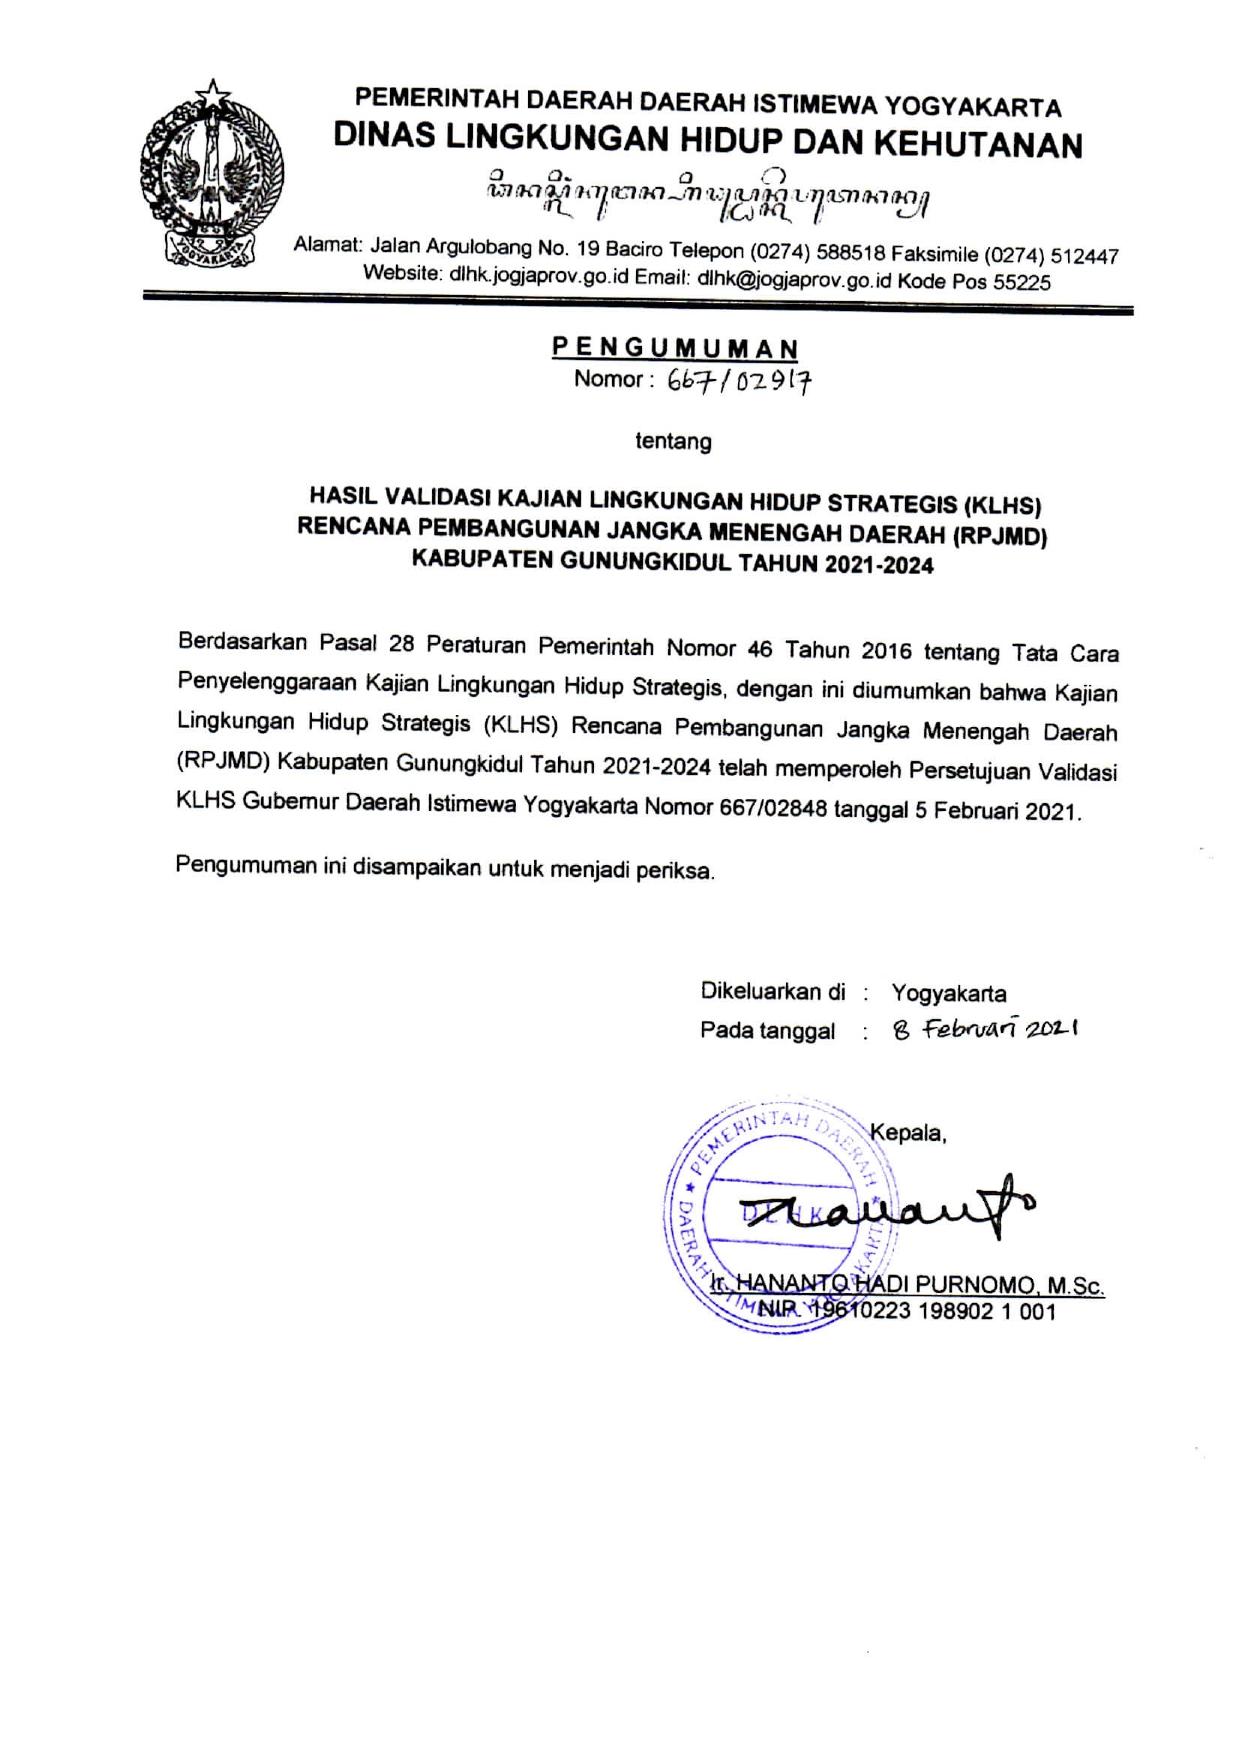 Hasil Validasi Kajian Lingkungan Hidup Strategis (KLHS) RPJMD Kabupaten Gunungkidul Tahun 2021 - 2024